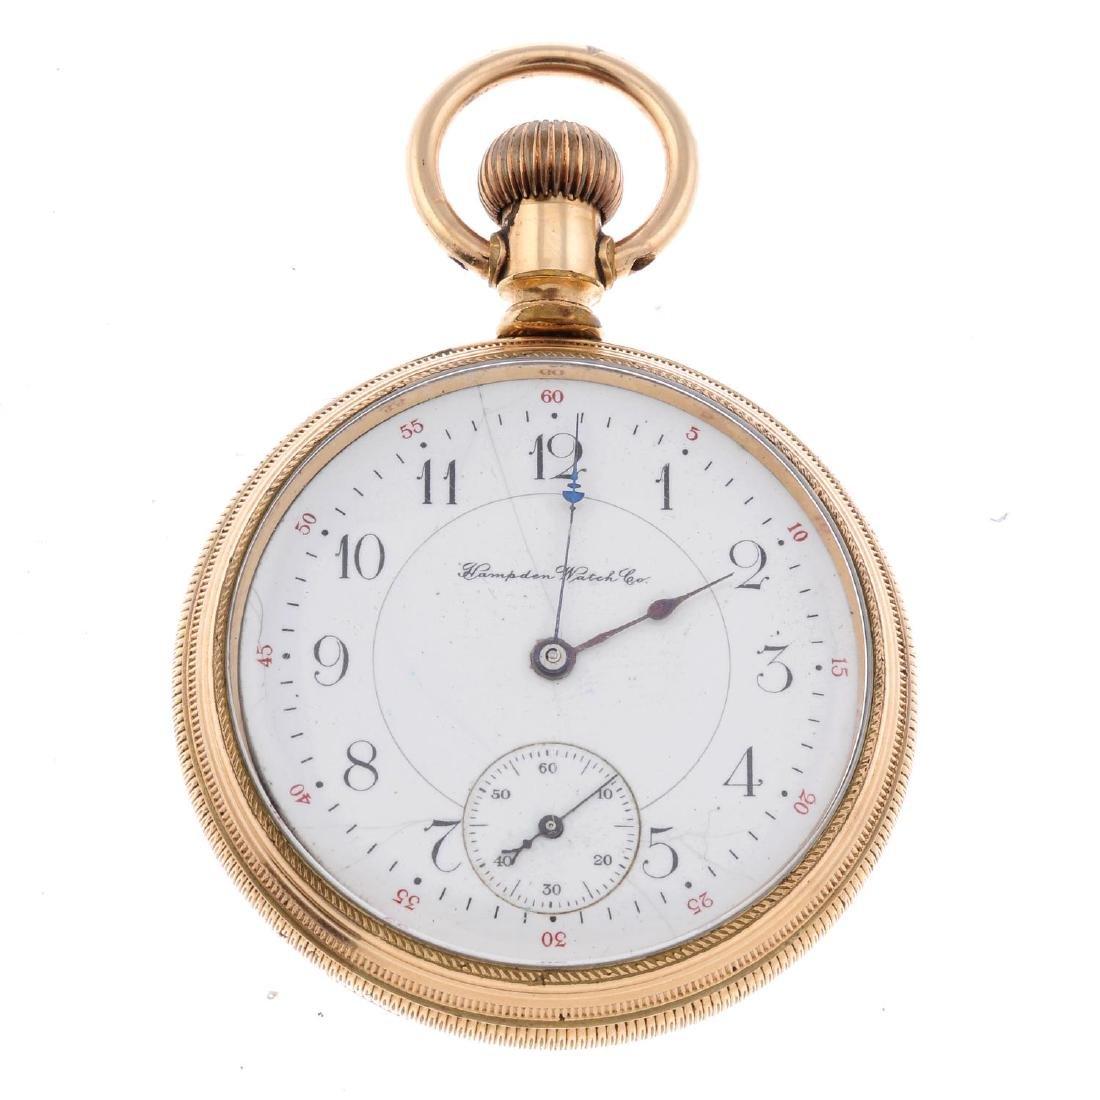 An open face railroad grade pocket watch by Hampden